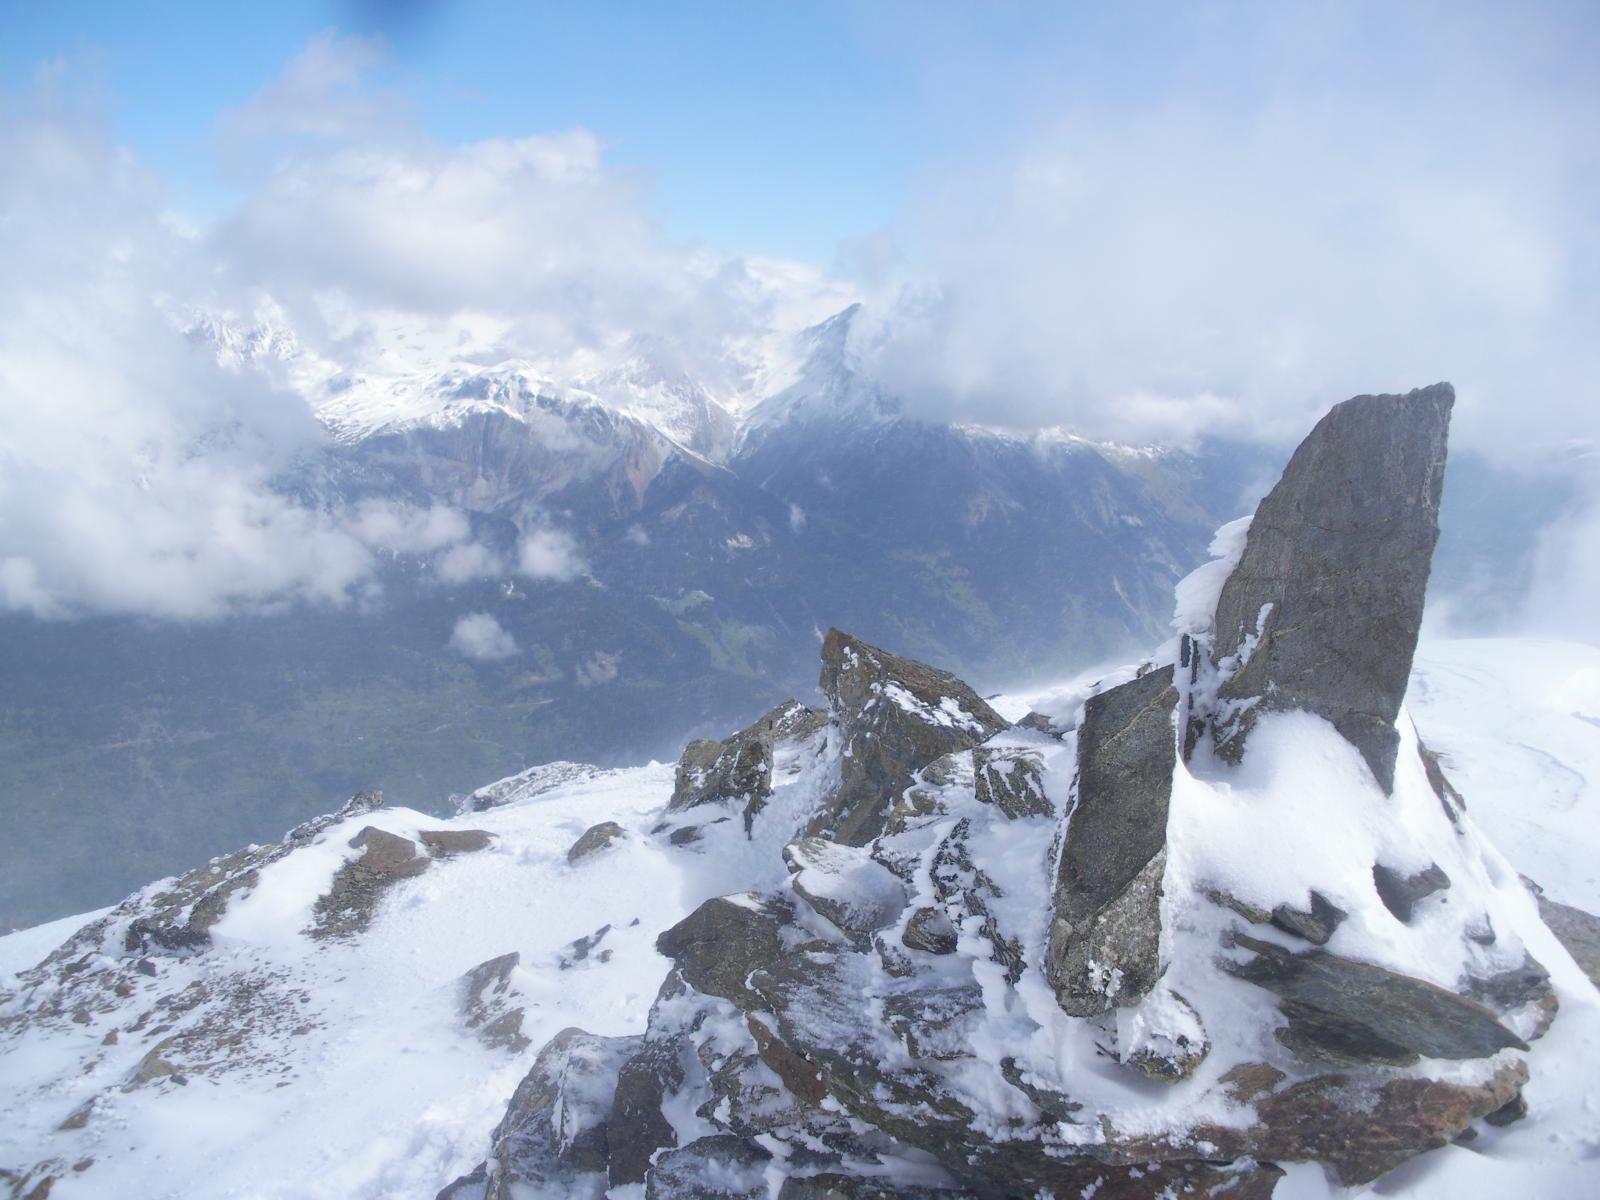 Uno sguardo alla Vanoise dalla vetta.